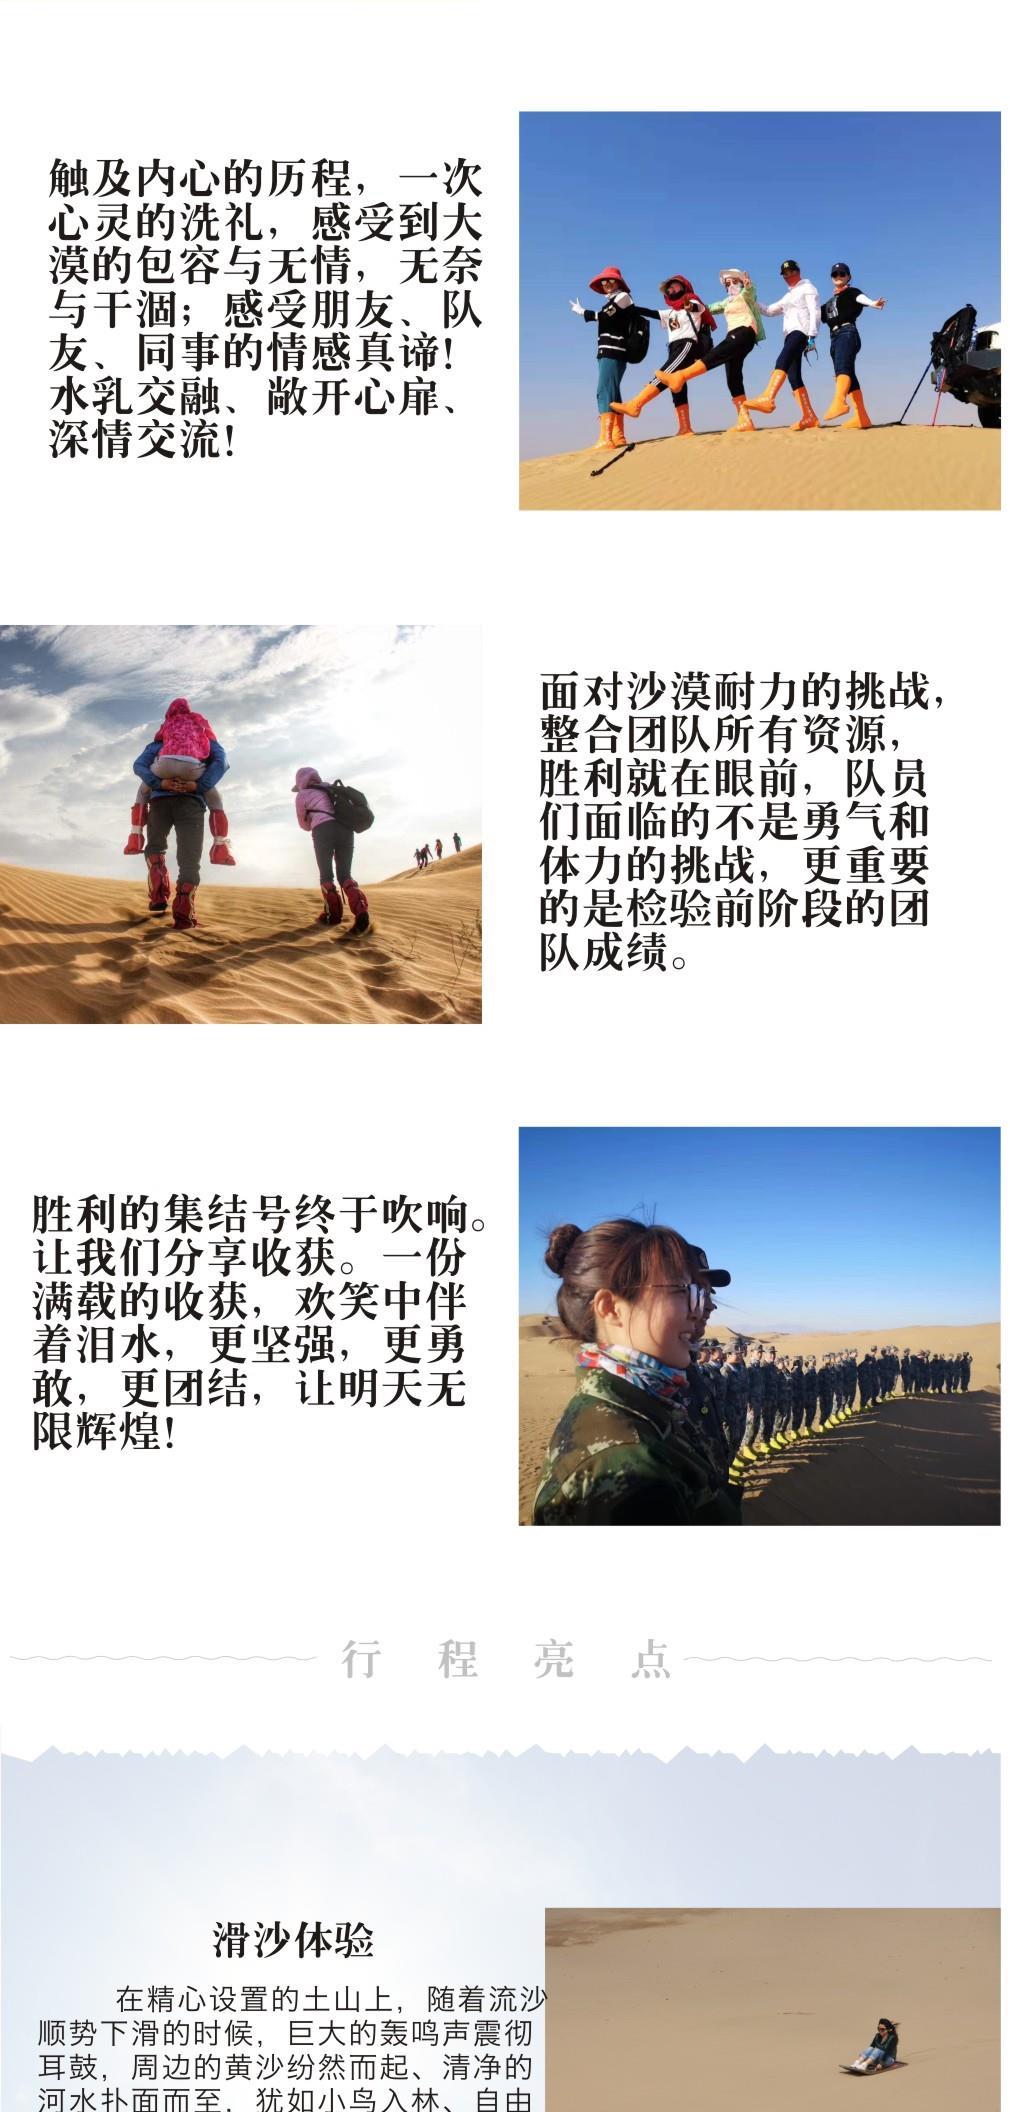 库布齐沙漠徒步旅行